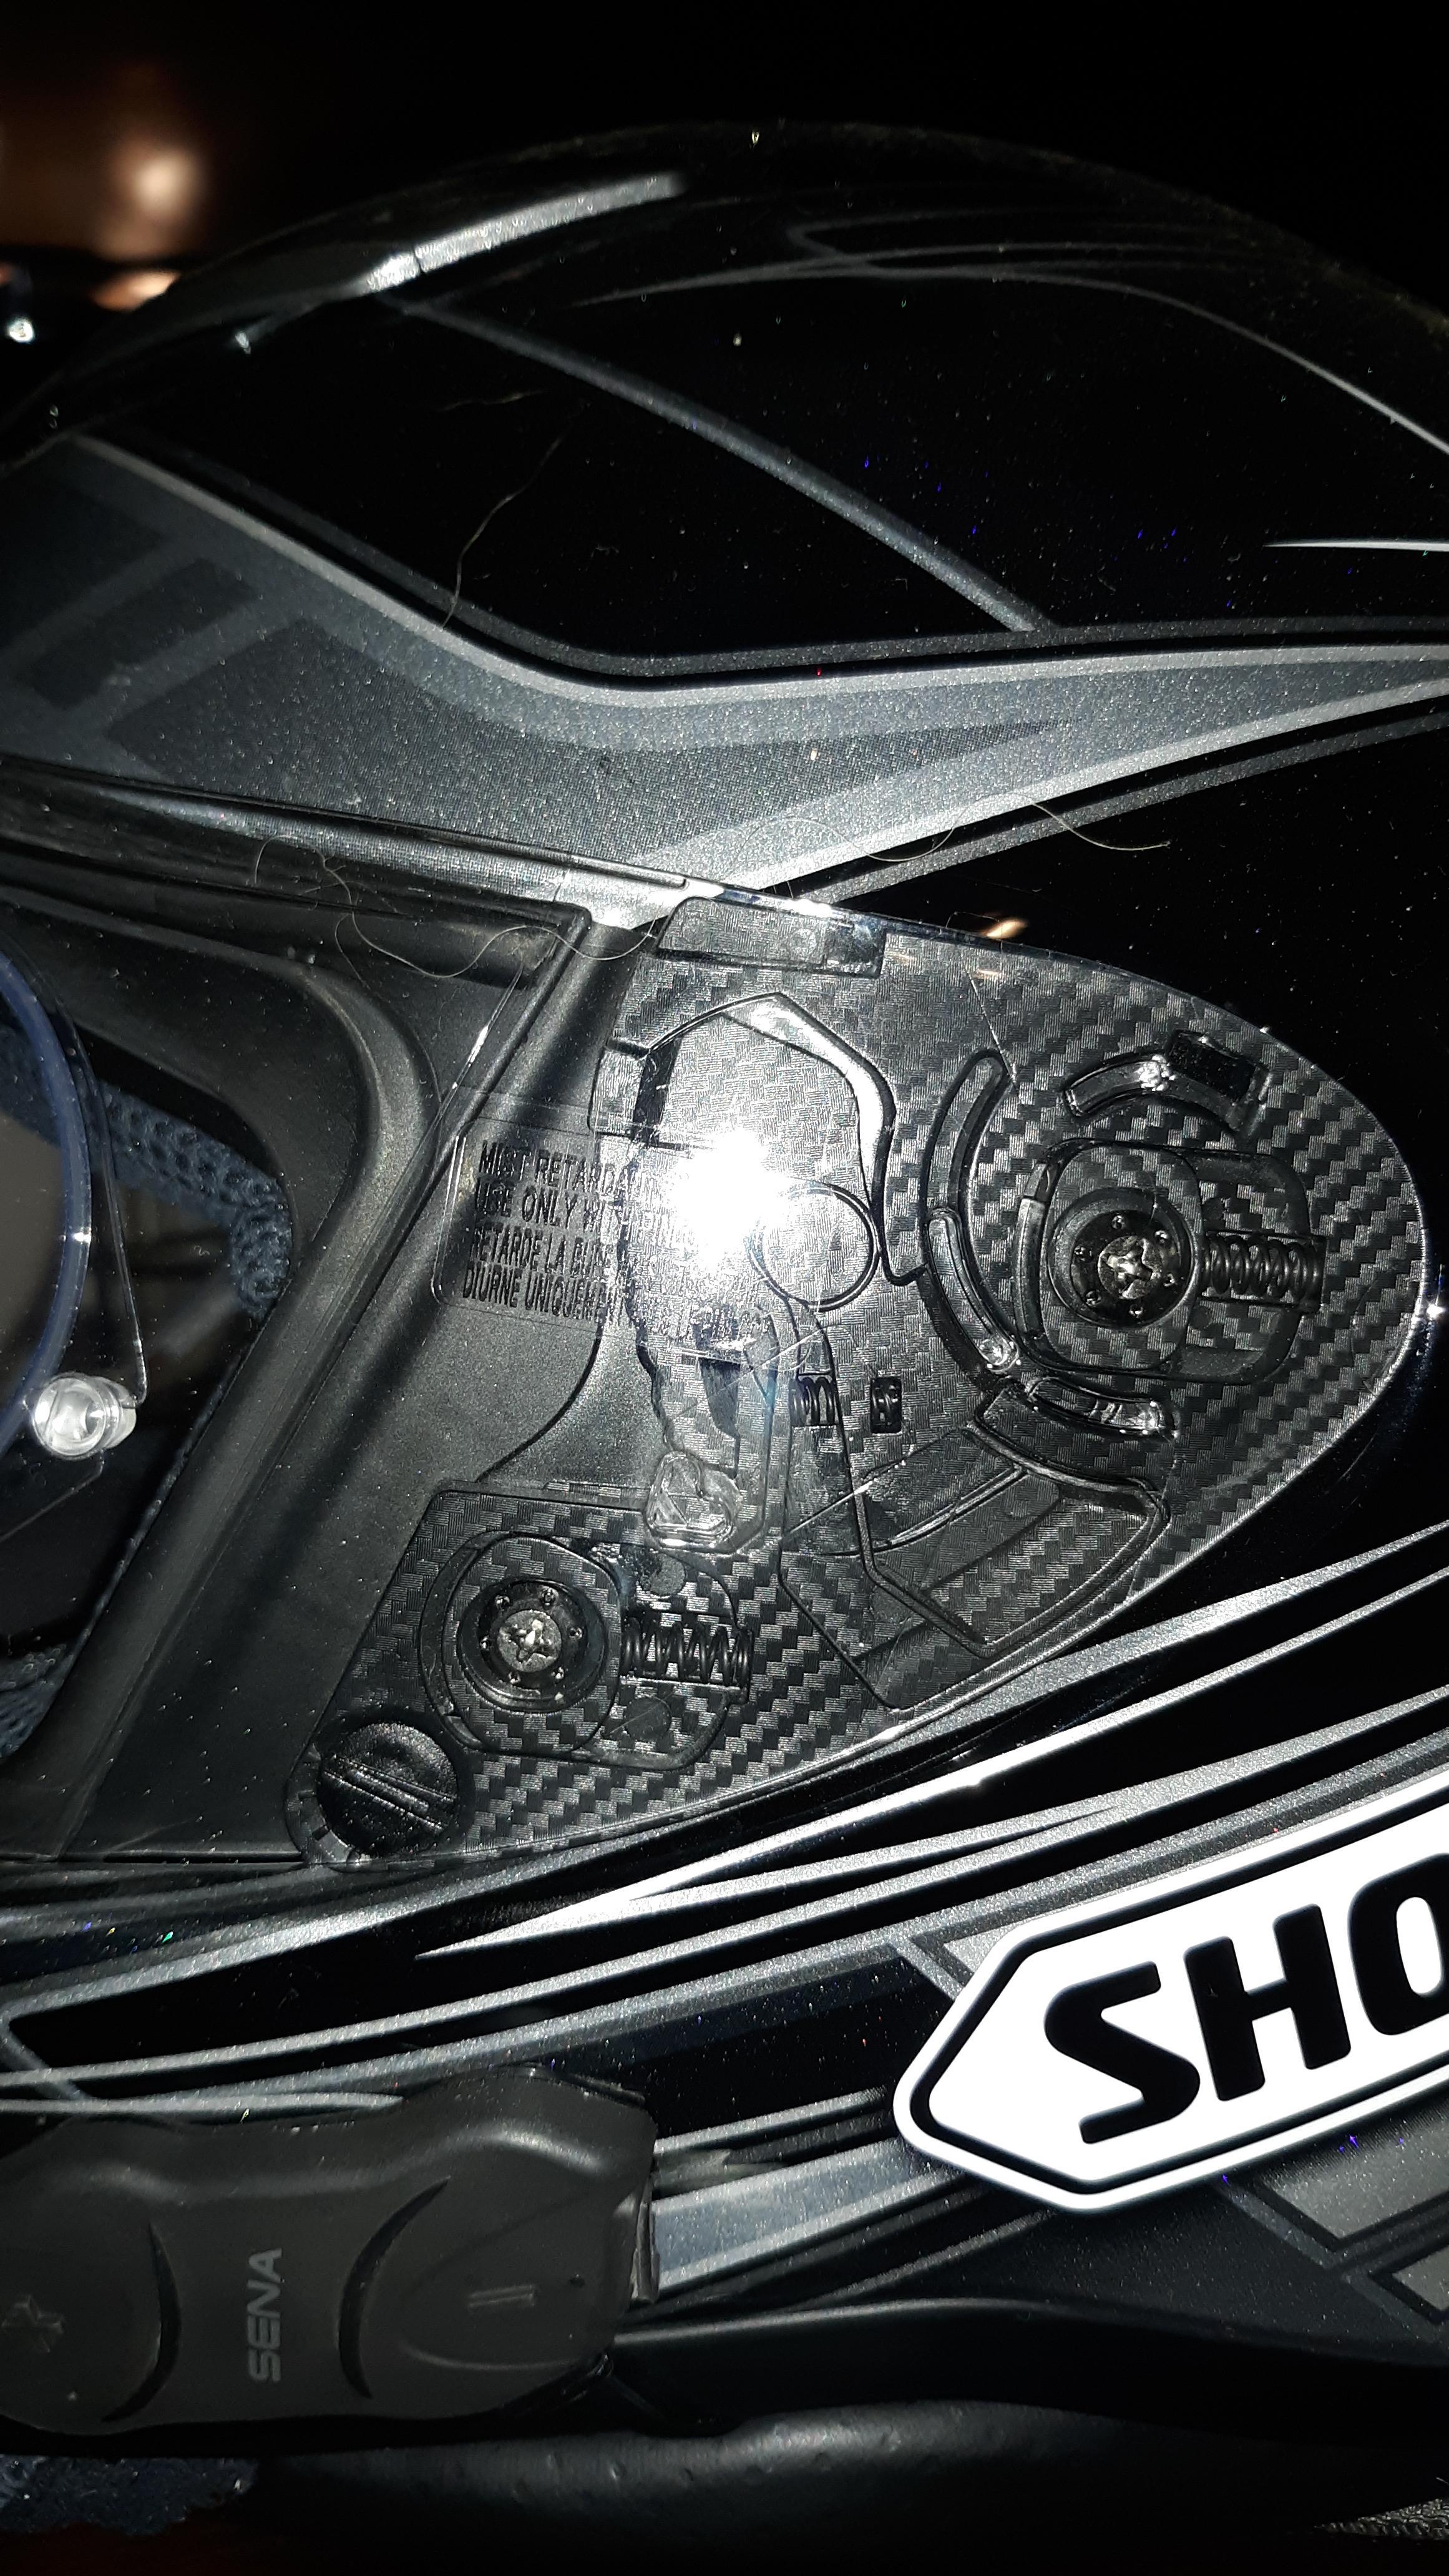 Shoei RF1200 v. Arai Corsair X: Head to head comparison-20190623_184256_1561329888995.jpg